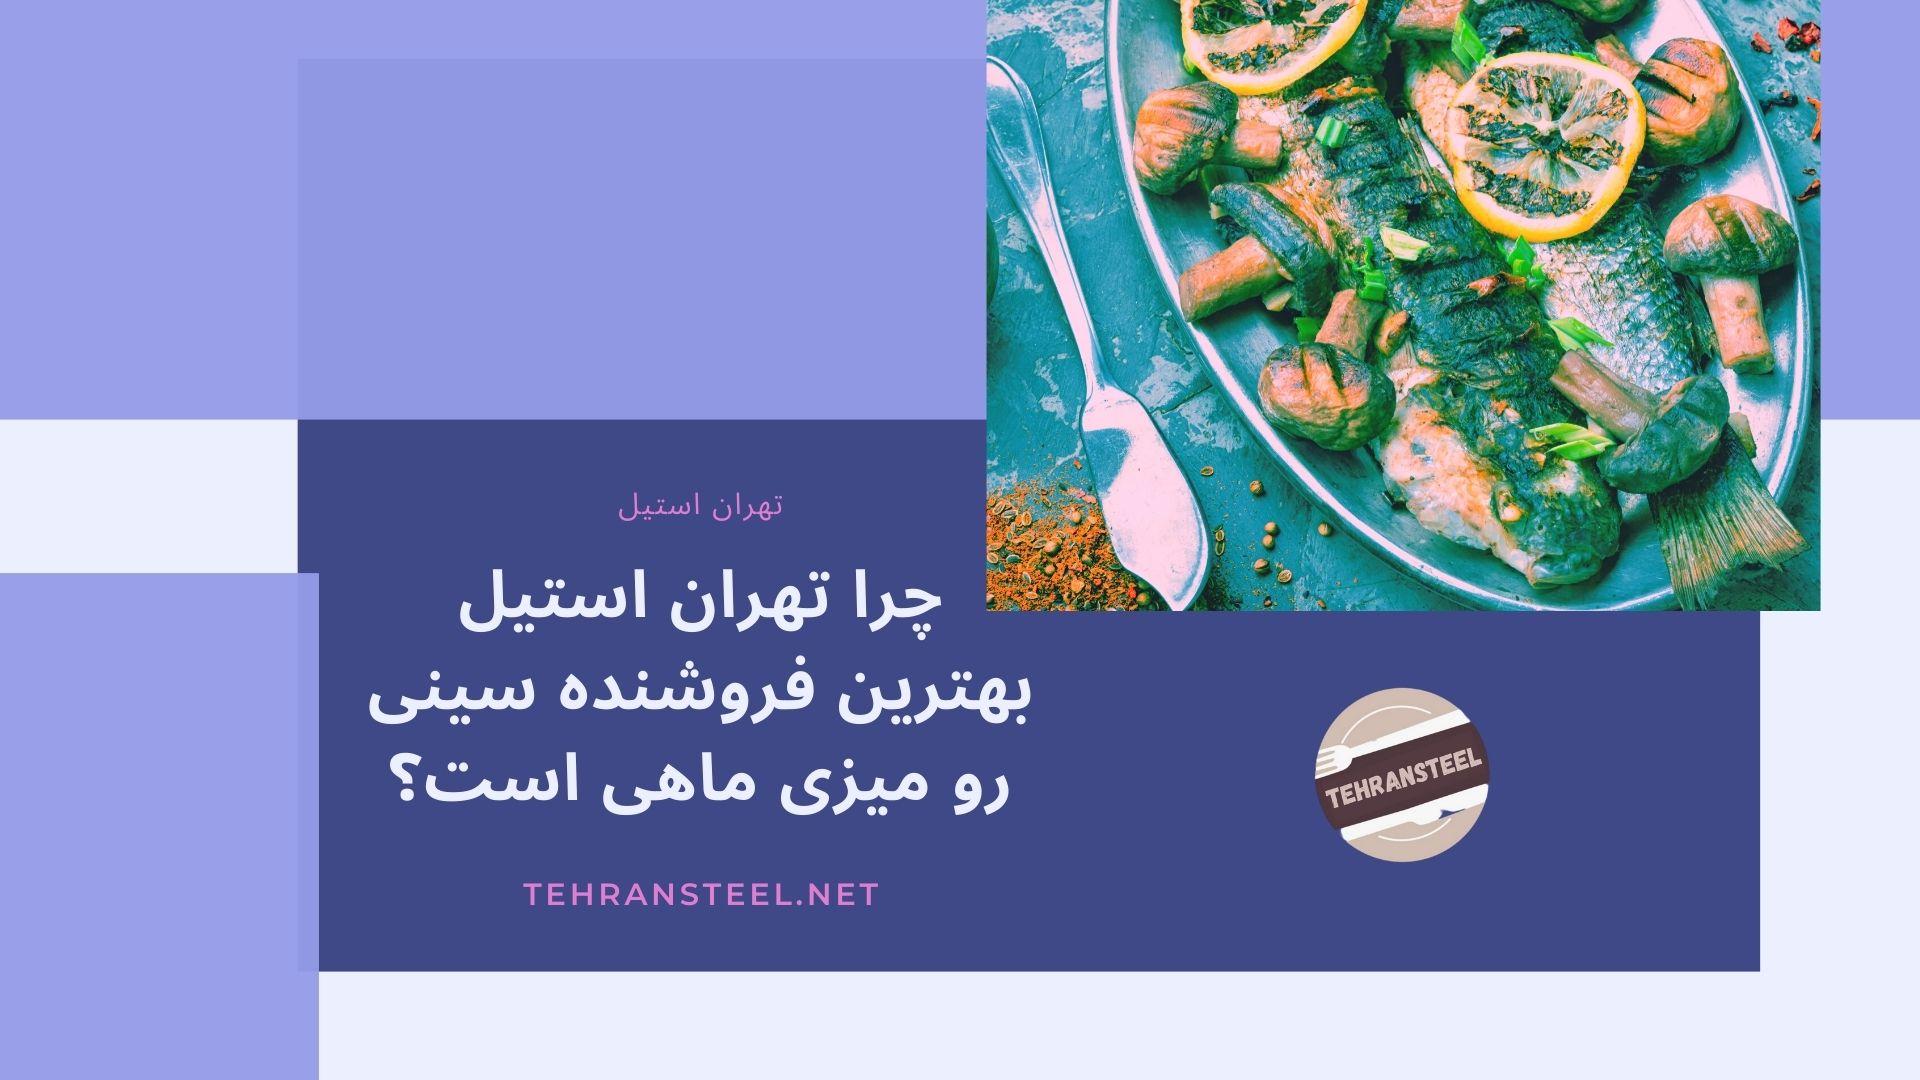 چرا تهران استیل بهترین فروشنده سینی رو میزی ماهی است؟